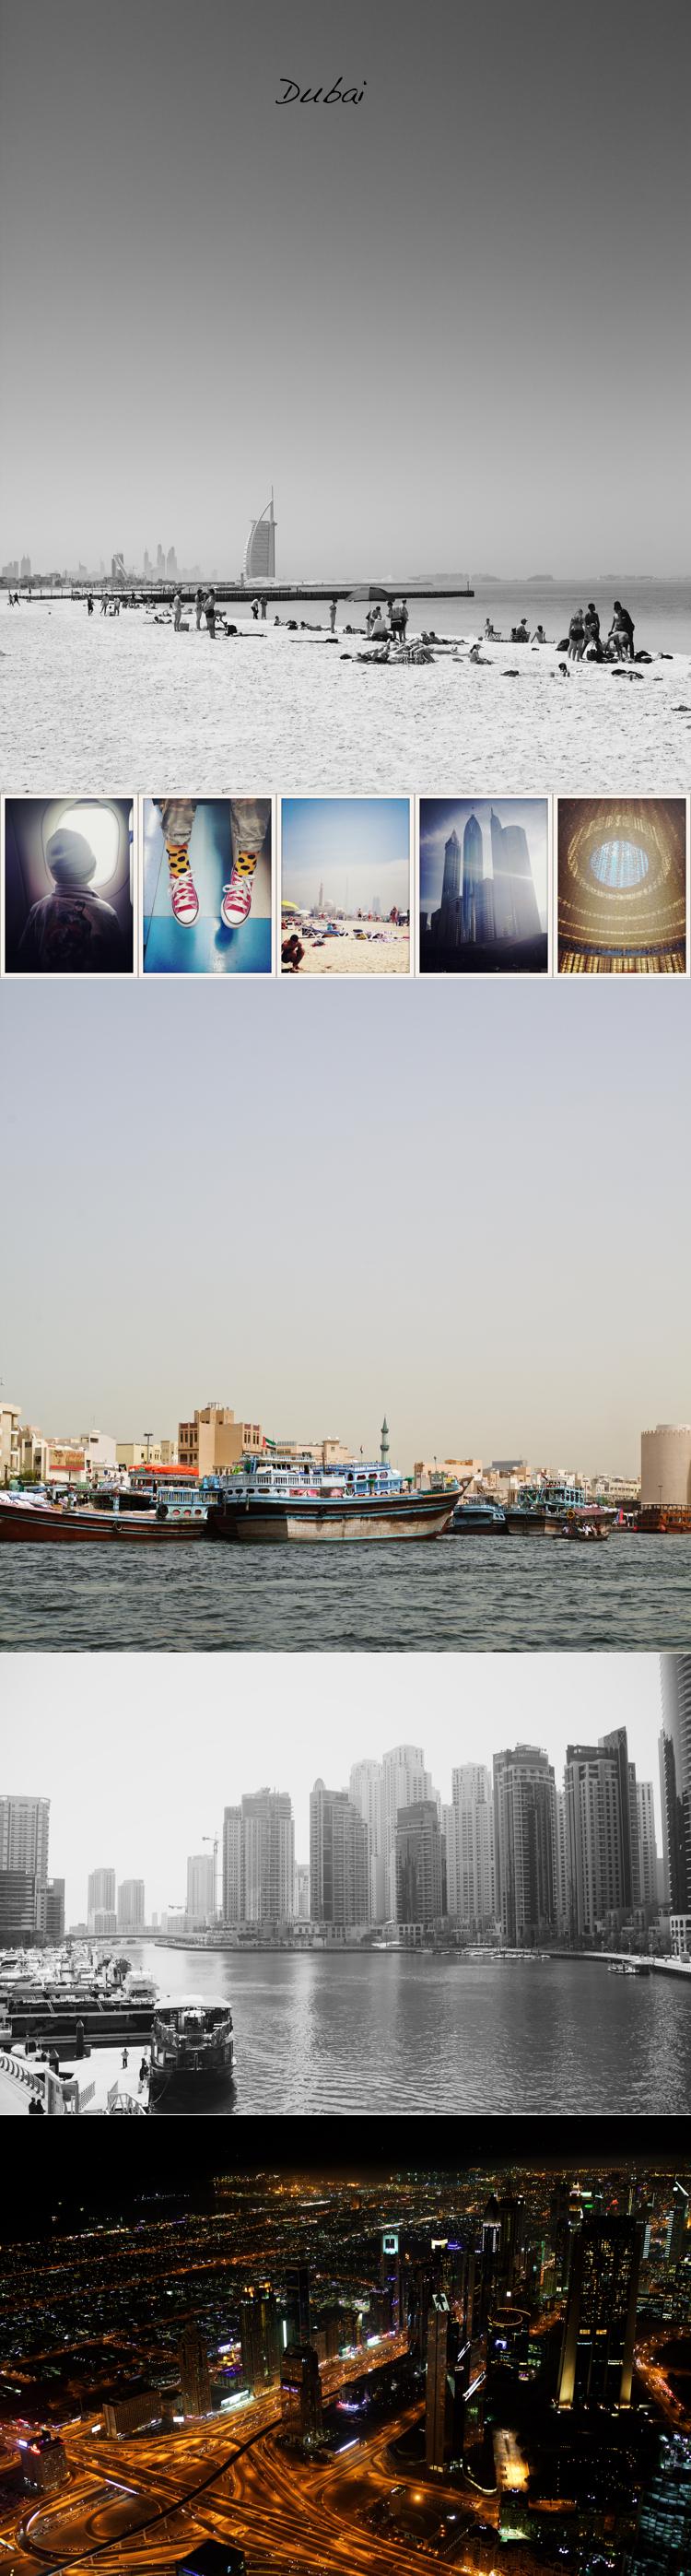 Dubaiscapes